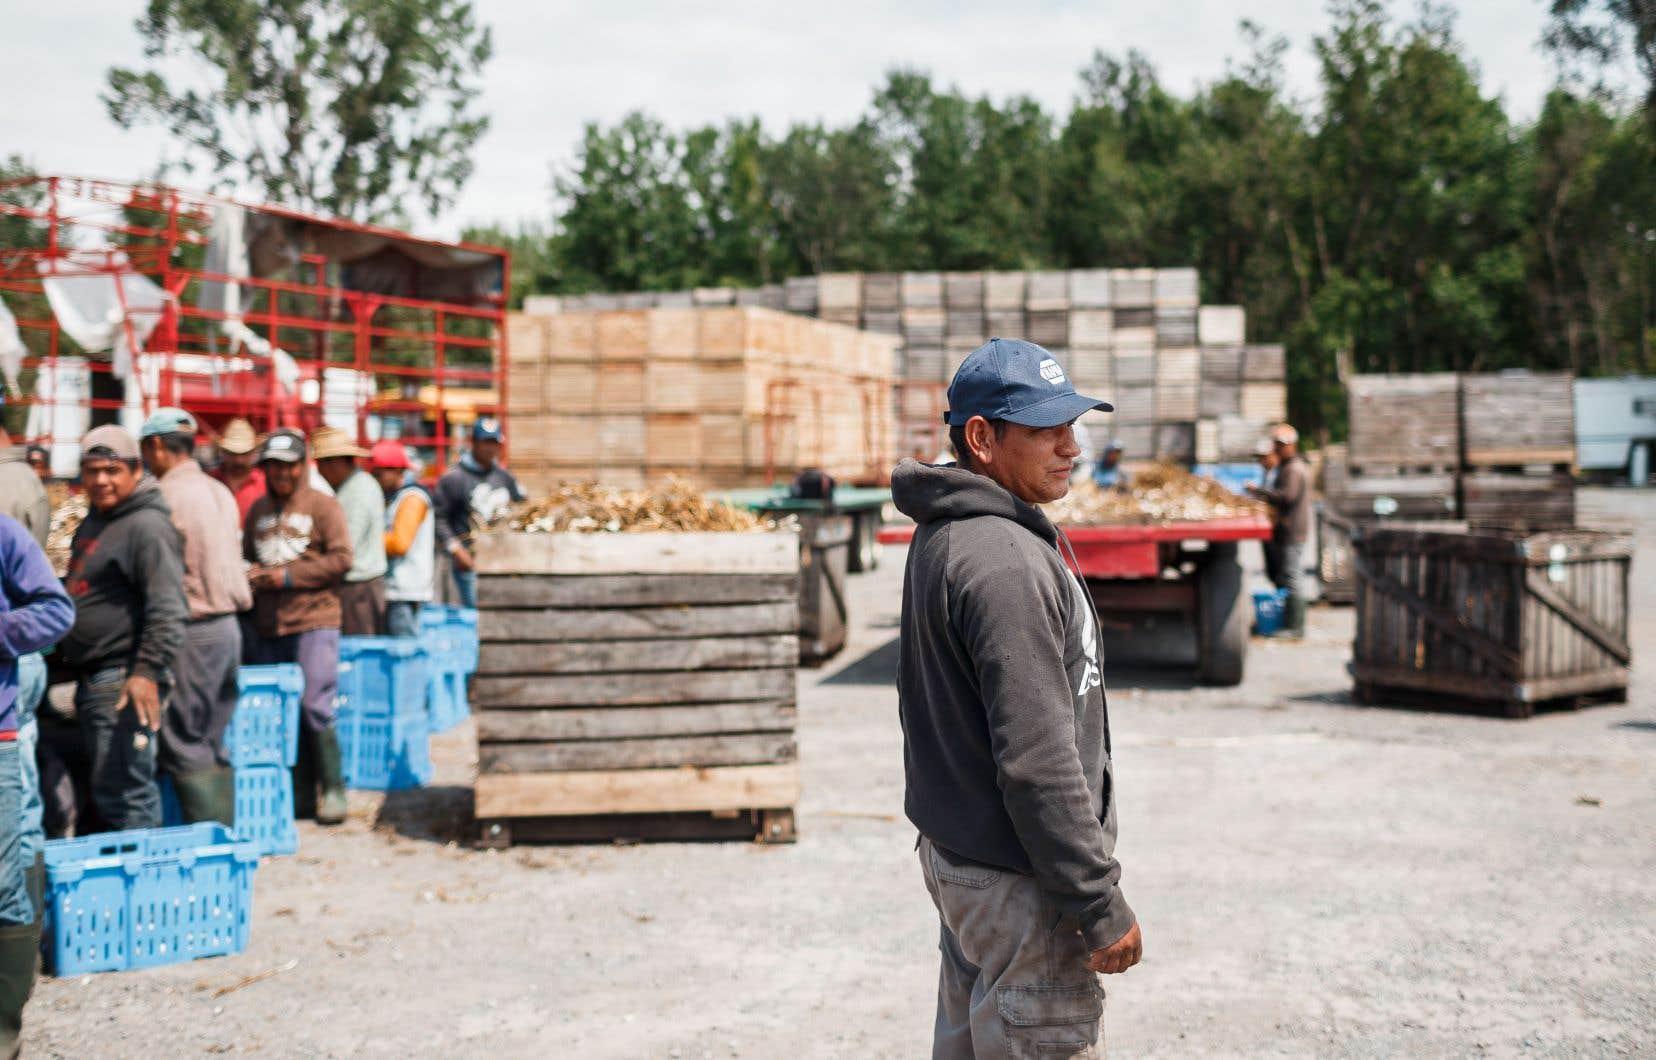 Au Québec seulement, au moins 900 fermes embauchent chaque été de la main-d'œuvre migrante.